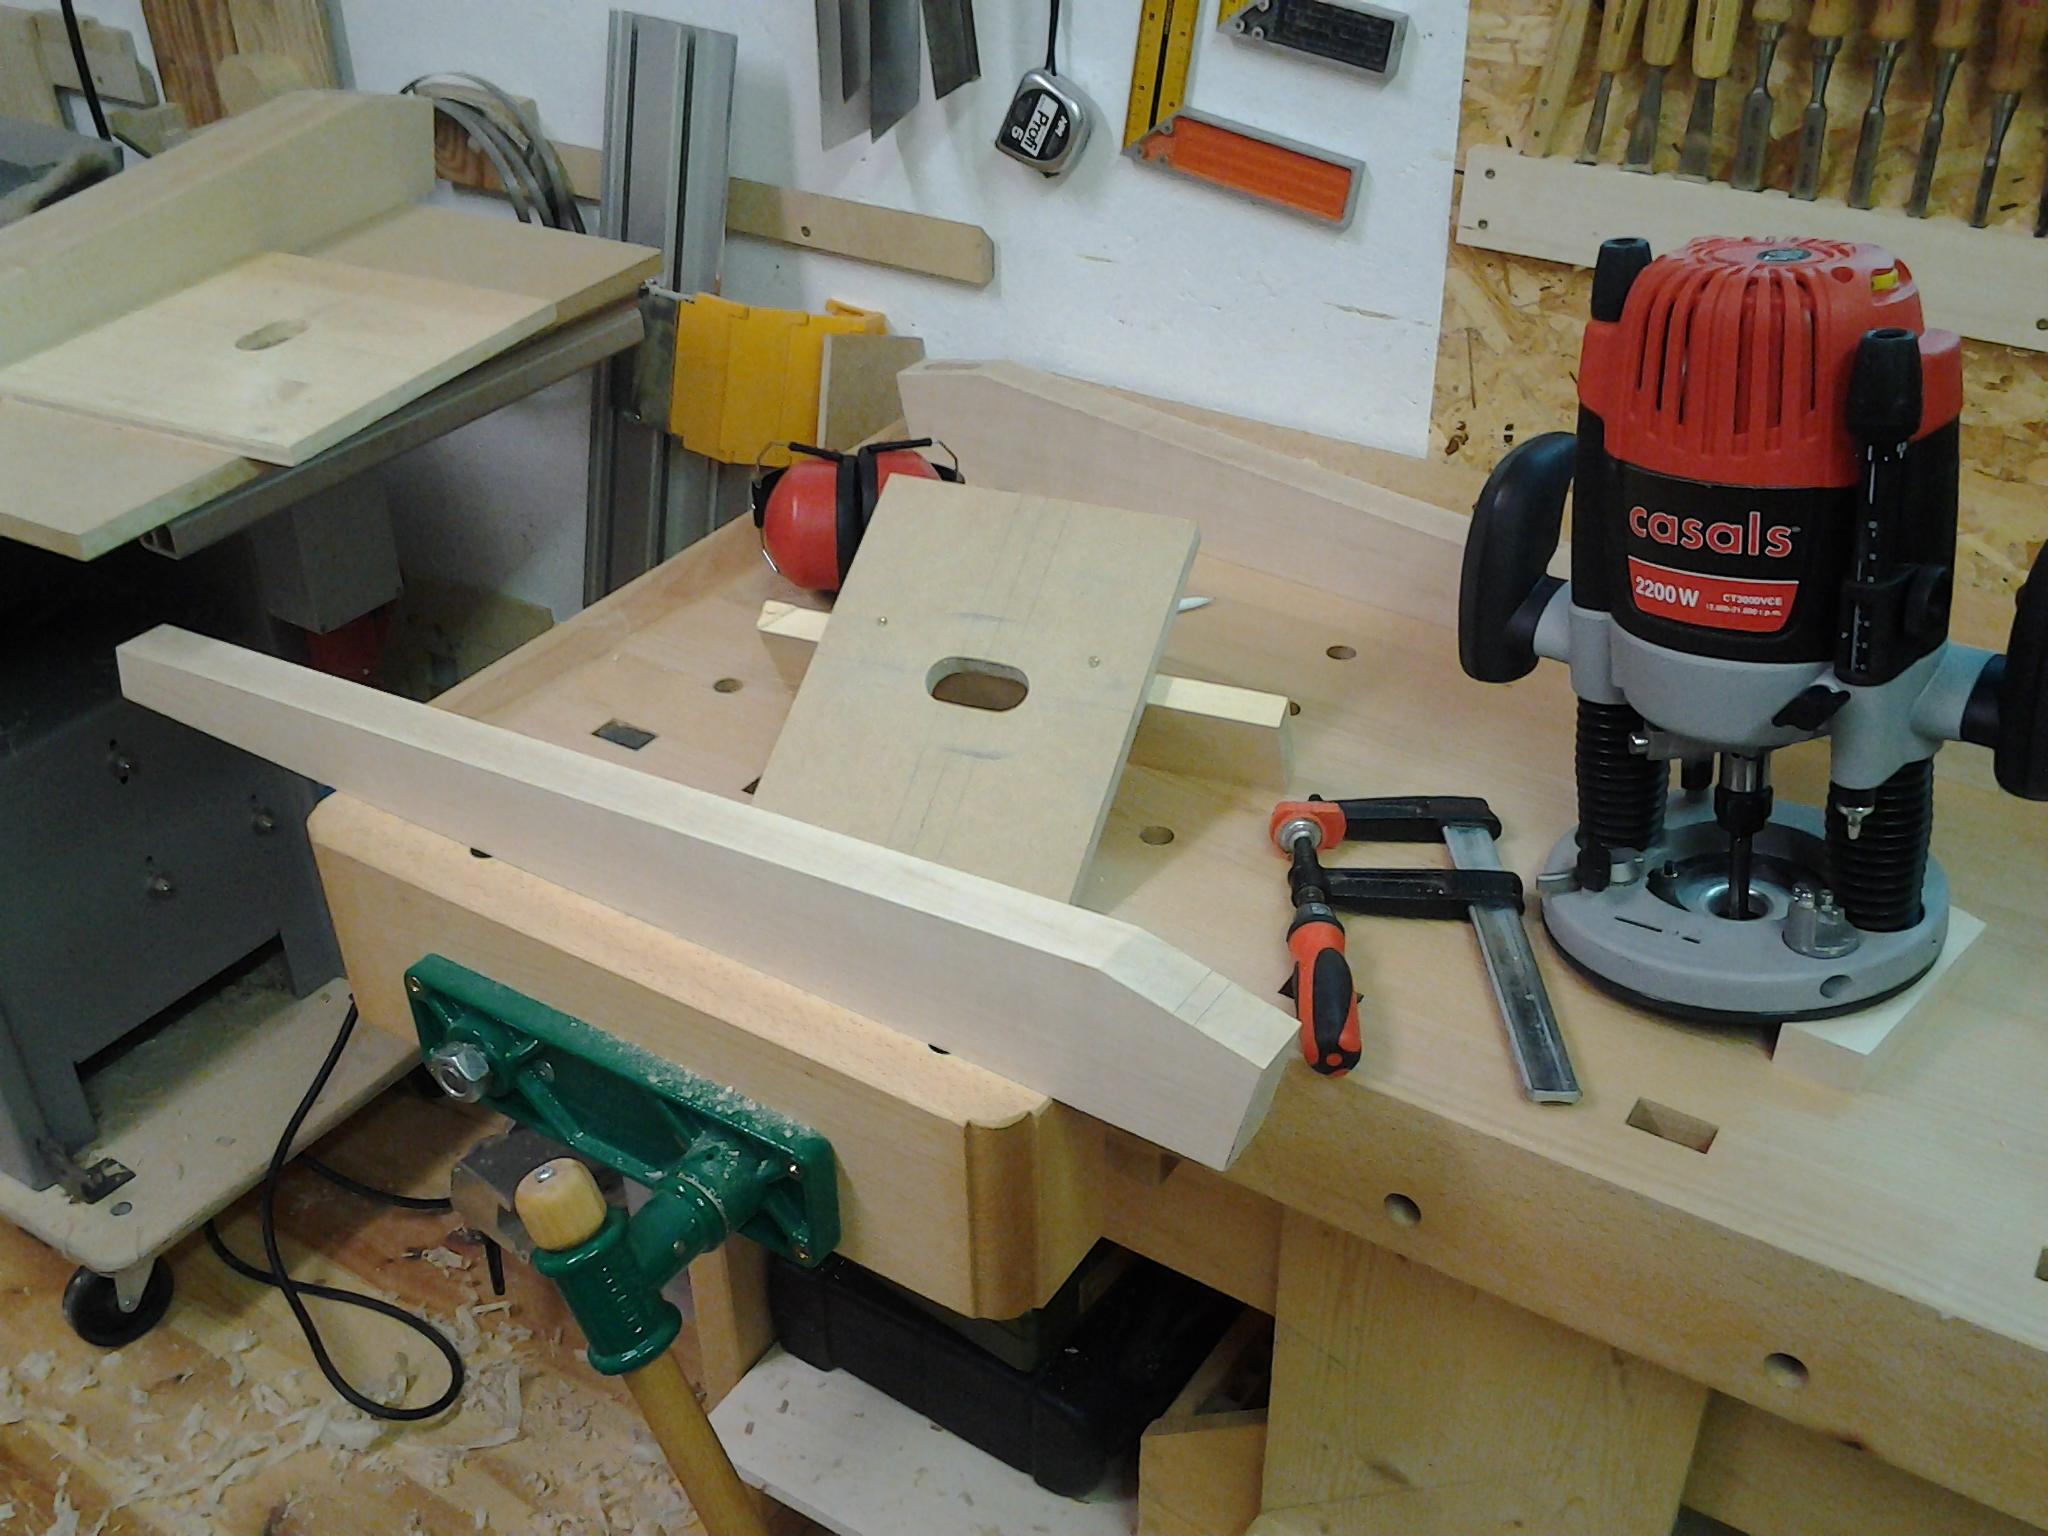 Tischbeine Holz Geschwungen ~ Die Zargen werden leicht geschwungen, dazu Schablone aus MDF